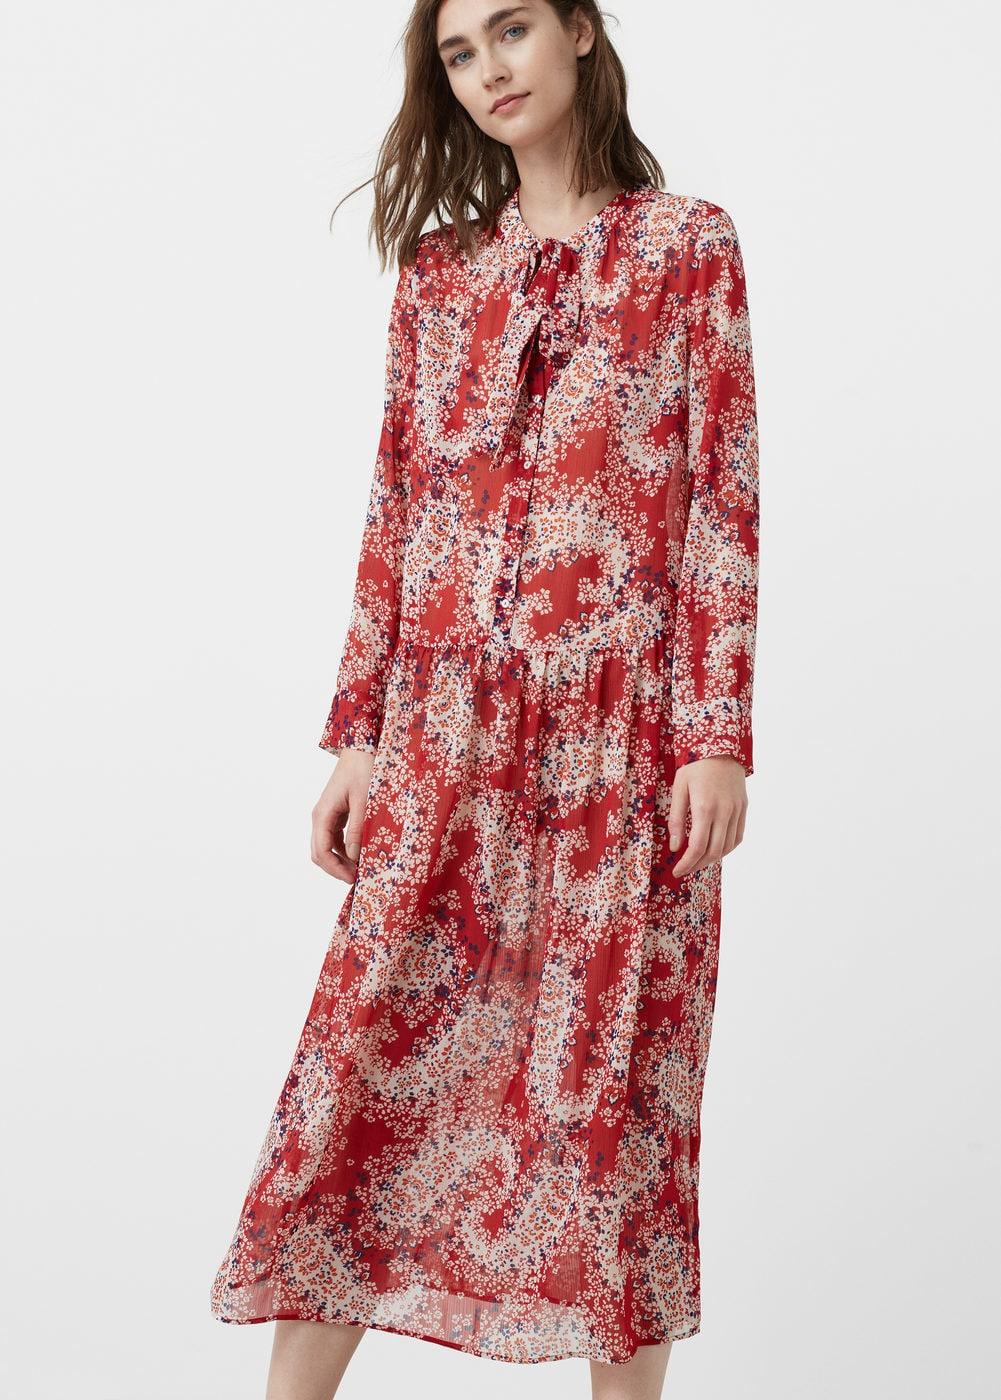 Vestidos bohemios de flores que sí deberás comprar en las rebajas - vestido estampado rojo